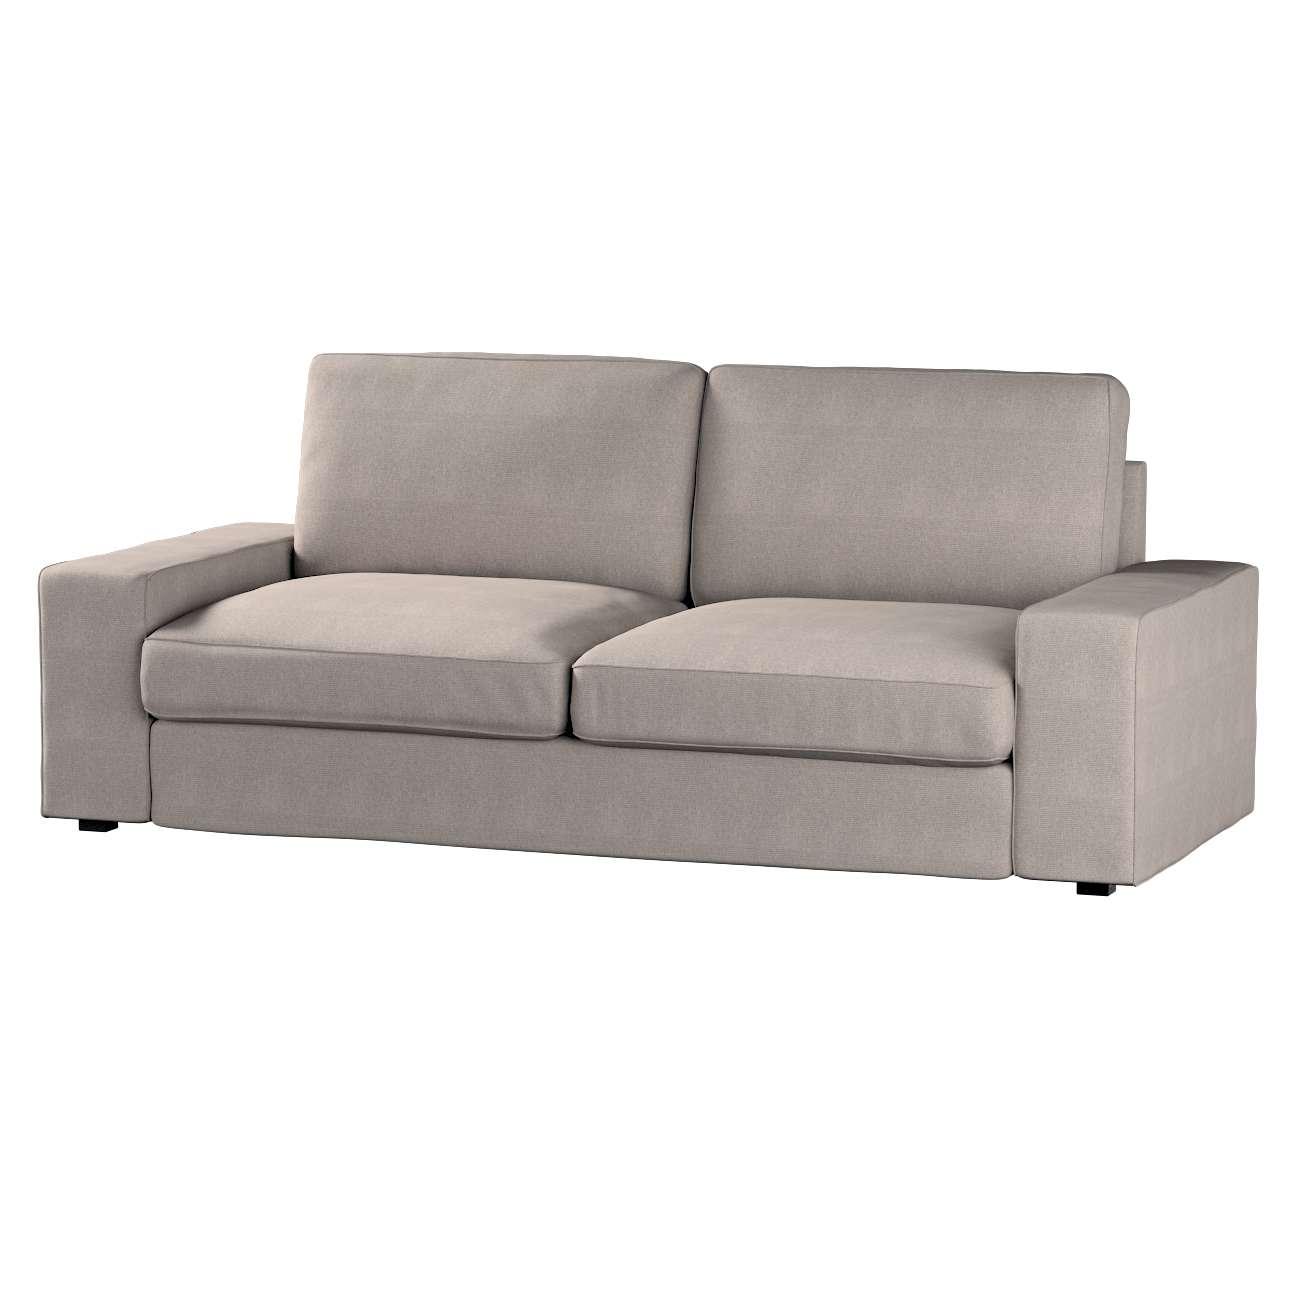 IKEA klädsel Kivik 3 sits bäddsoffa, Beige grå, 705 09, Sofa Kivik 3 osobowa rozk u0142adana Dekoria